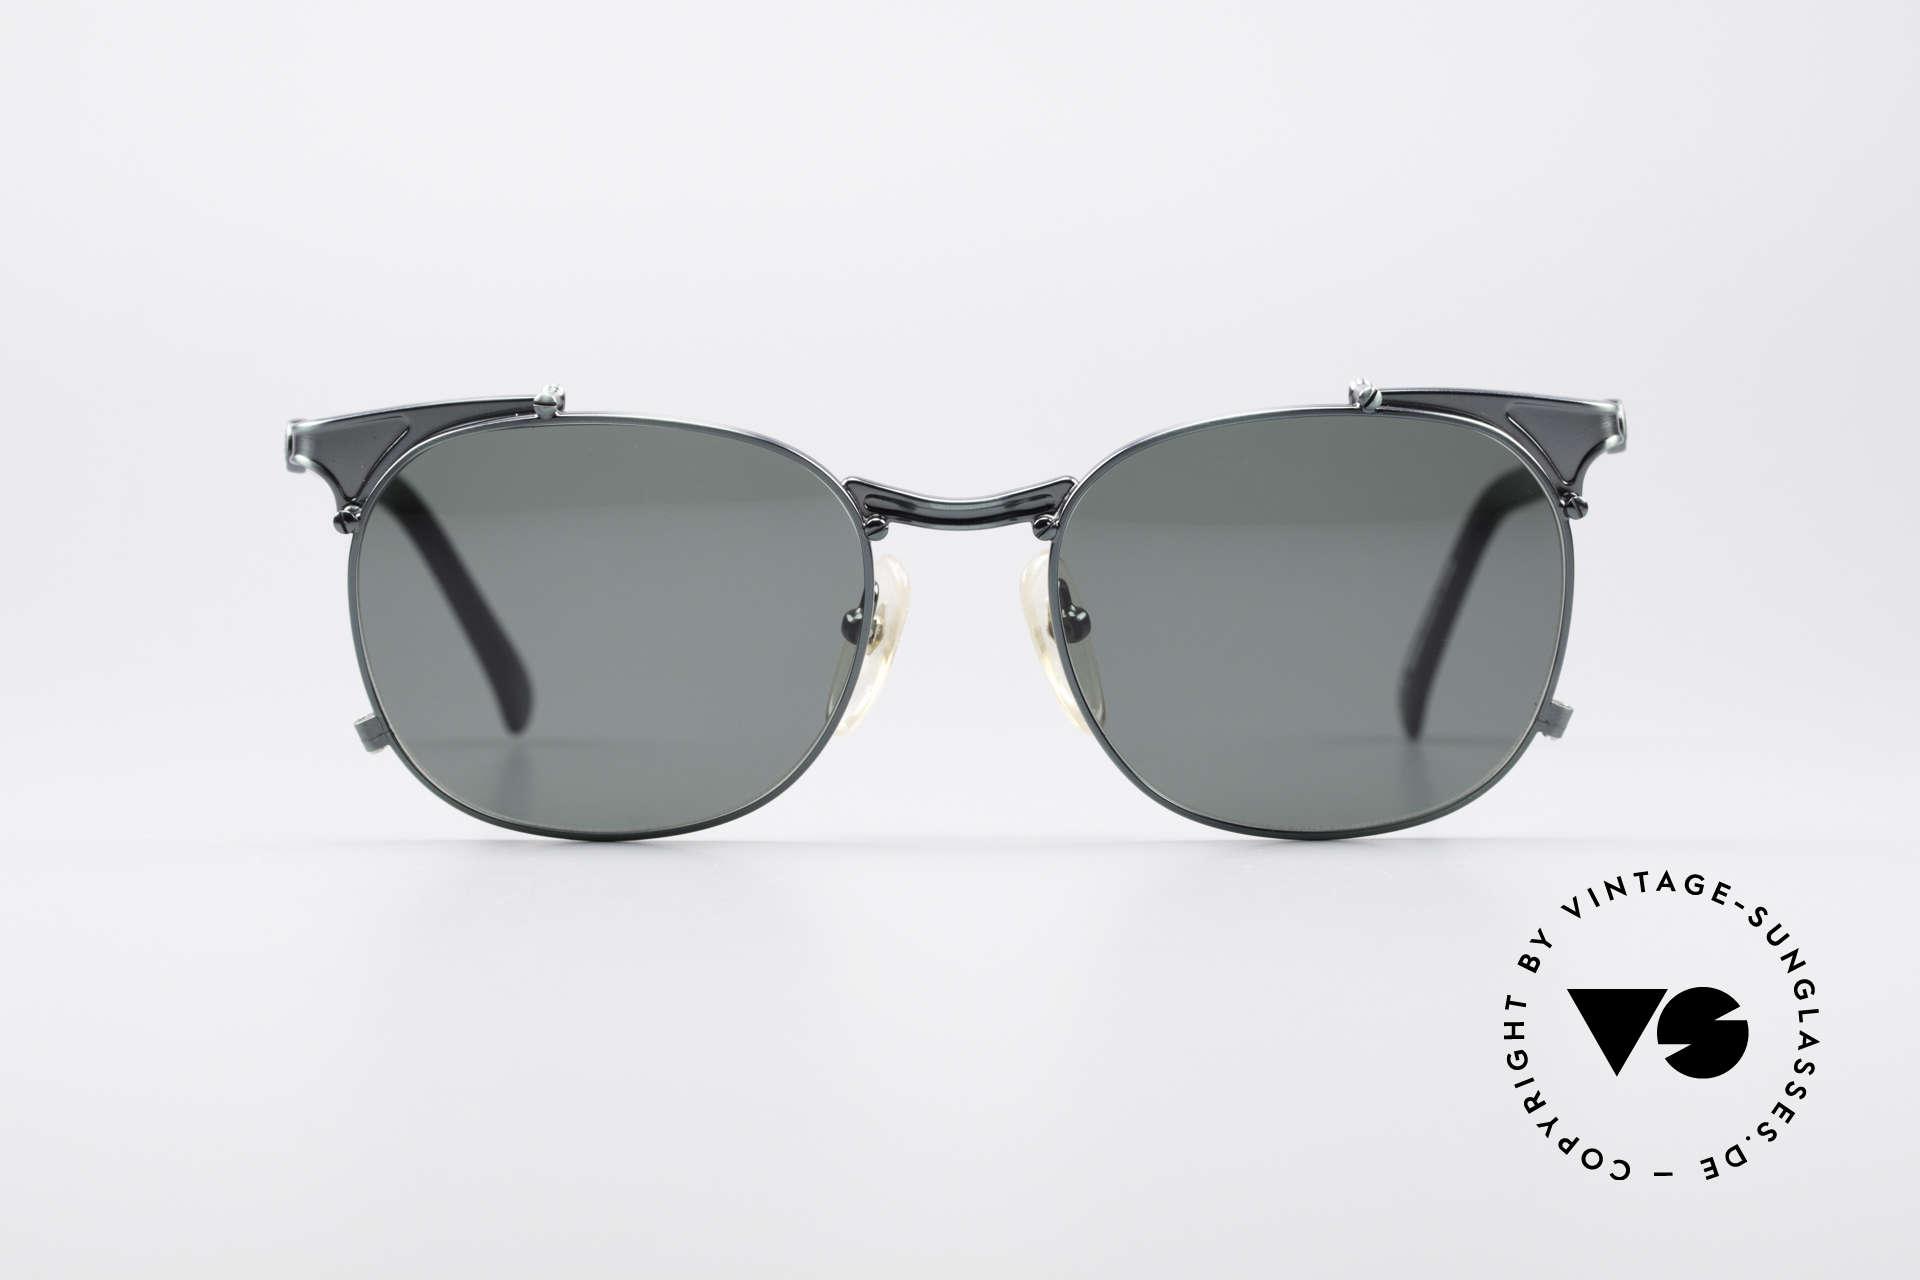 Jean Paul Gaultier 56-2175 Rare Designer Sonnenbrille, zeitloses Design; schlicht und elegant zugleich, Passend für Herren und Damen